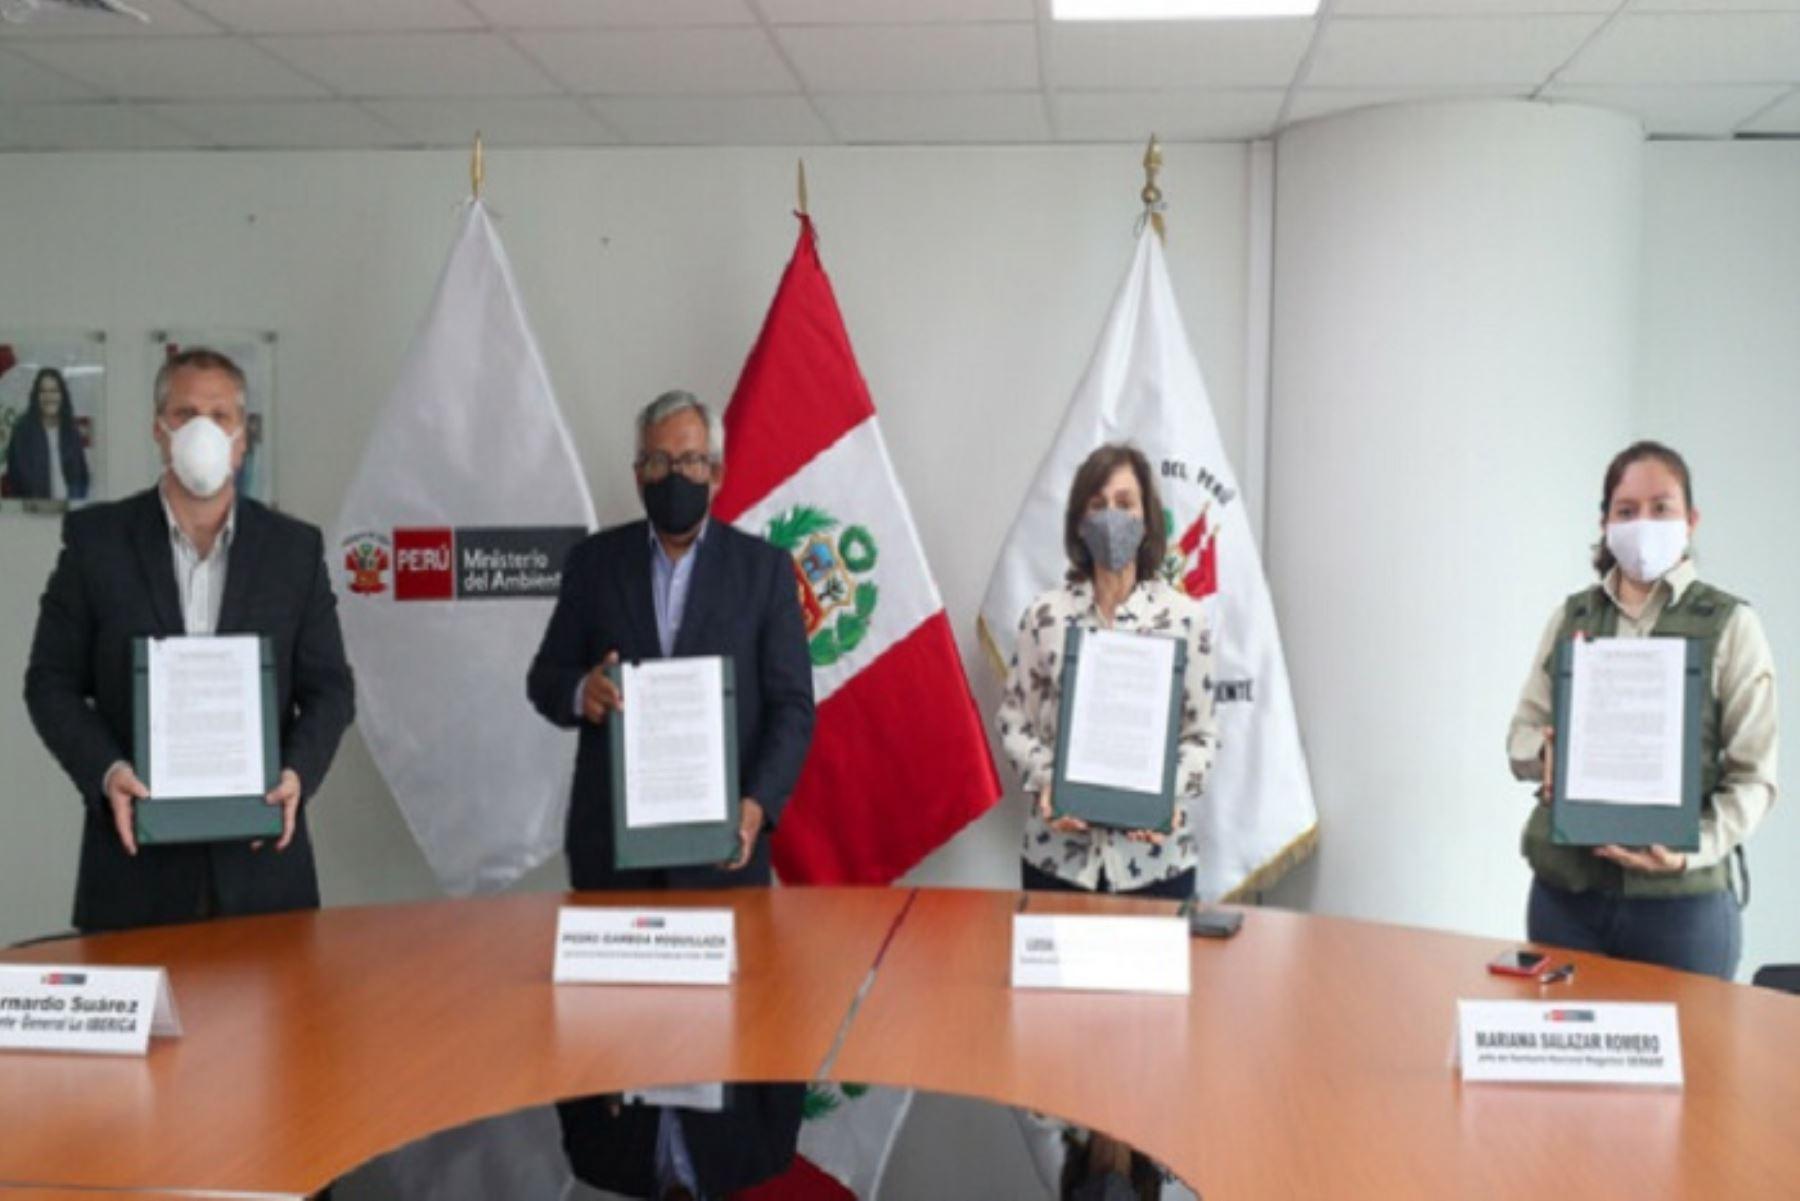 Acuerdo contribuirá también a la comercialización, a precio justo, del cacao nativo proveniente del santuario nacional Megantoni.